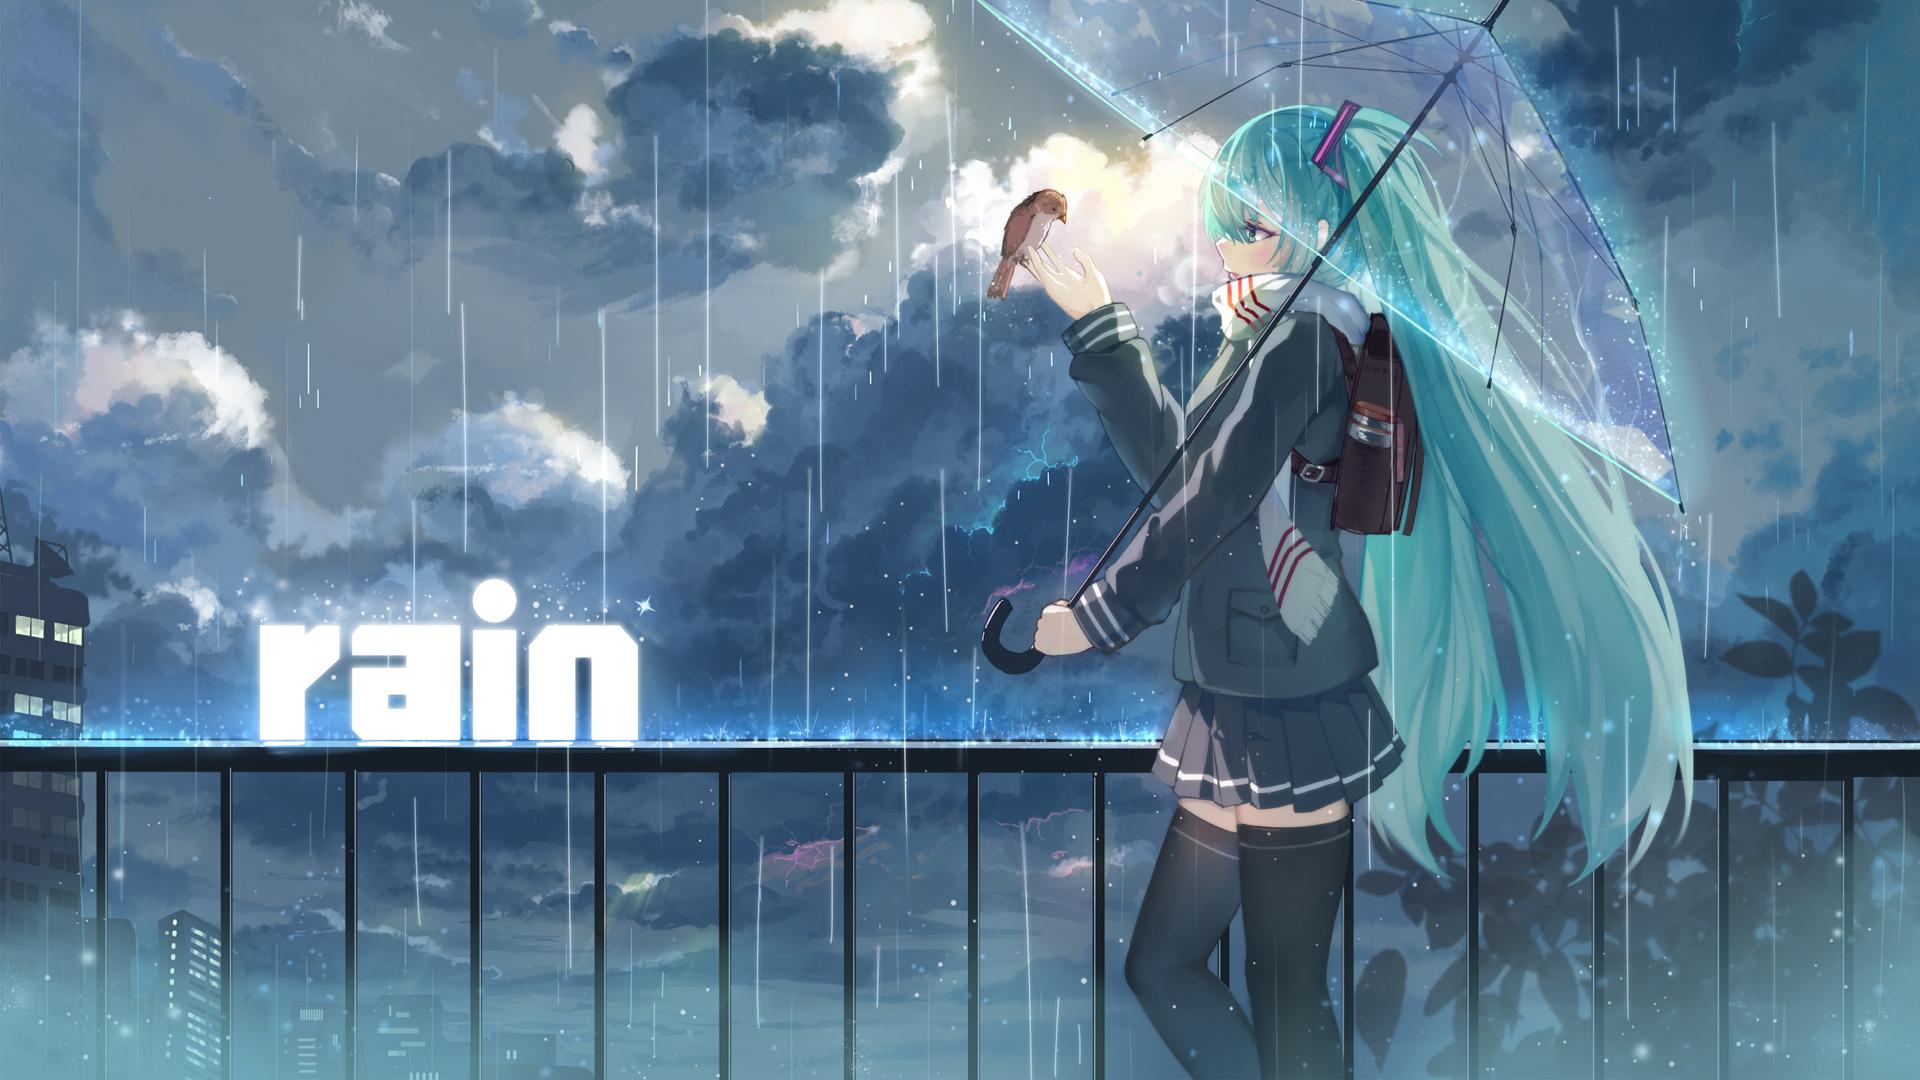 hình ảnh đẹp cơn mưa buồn